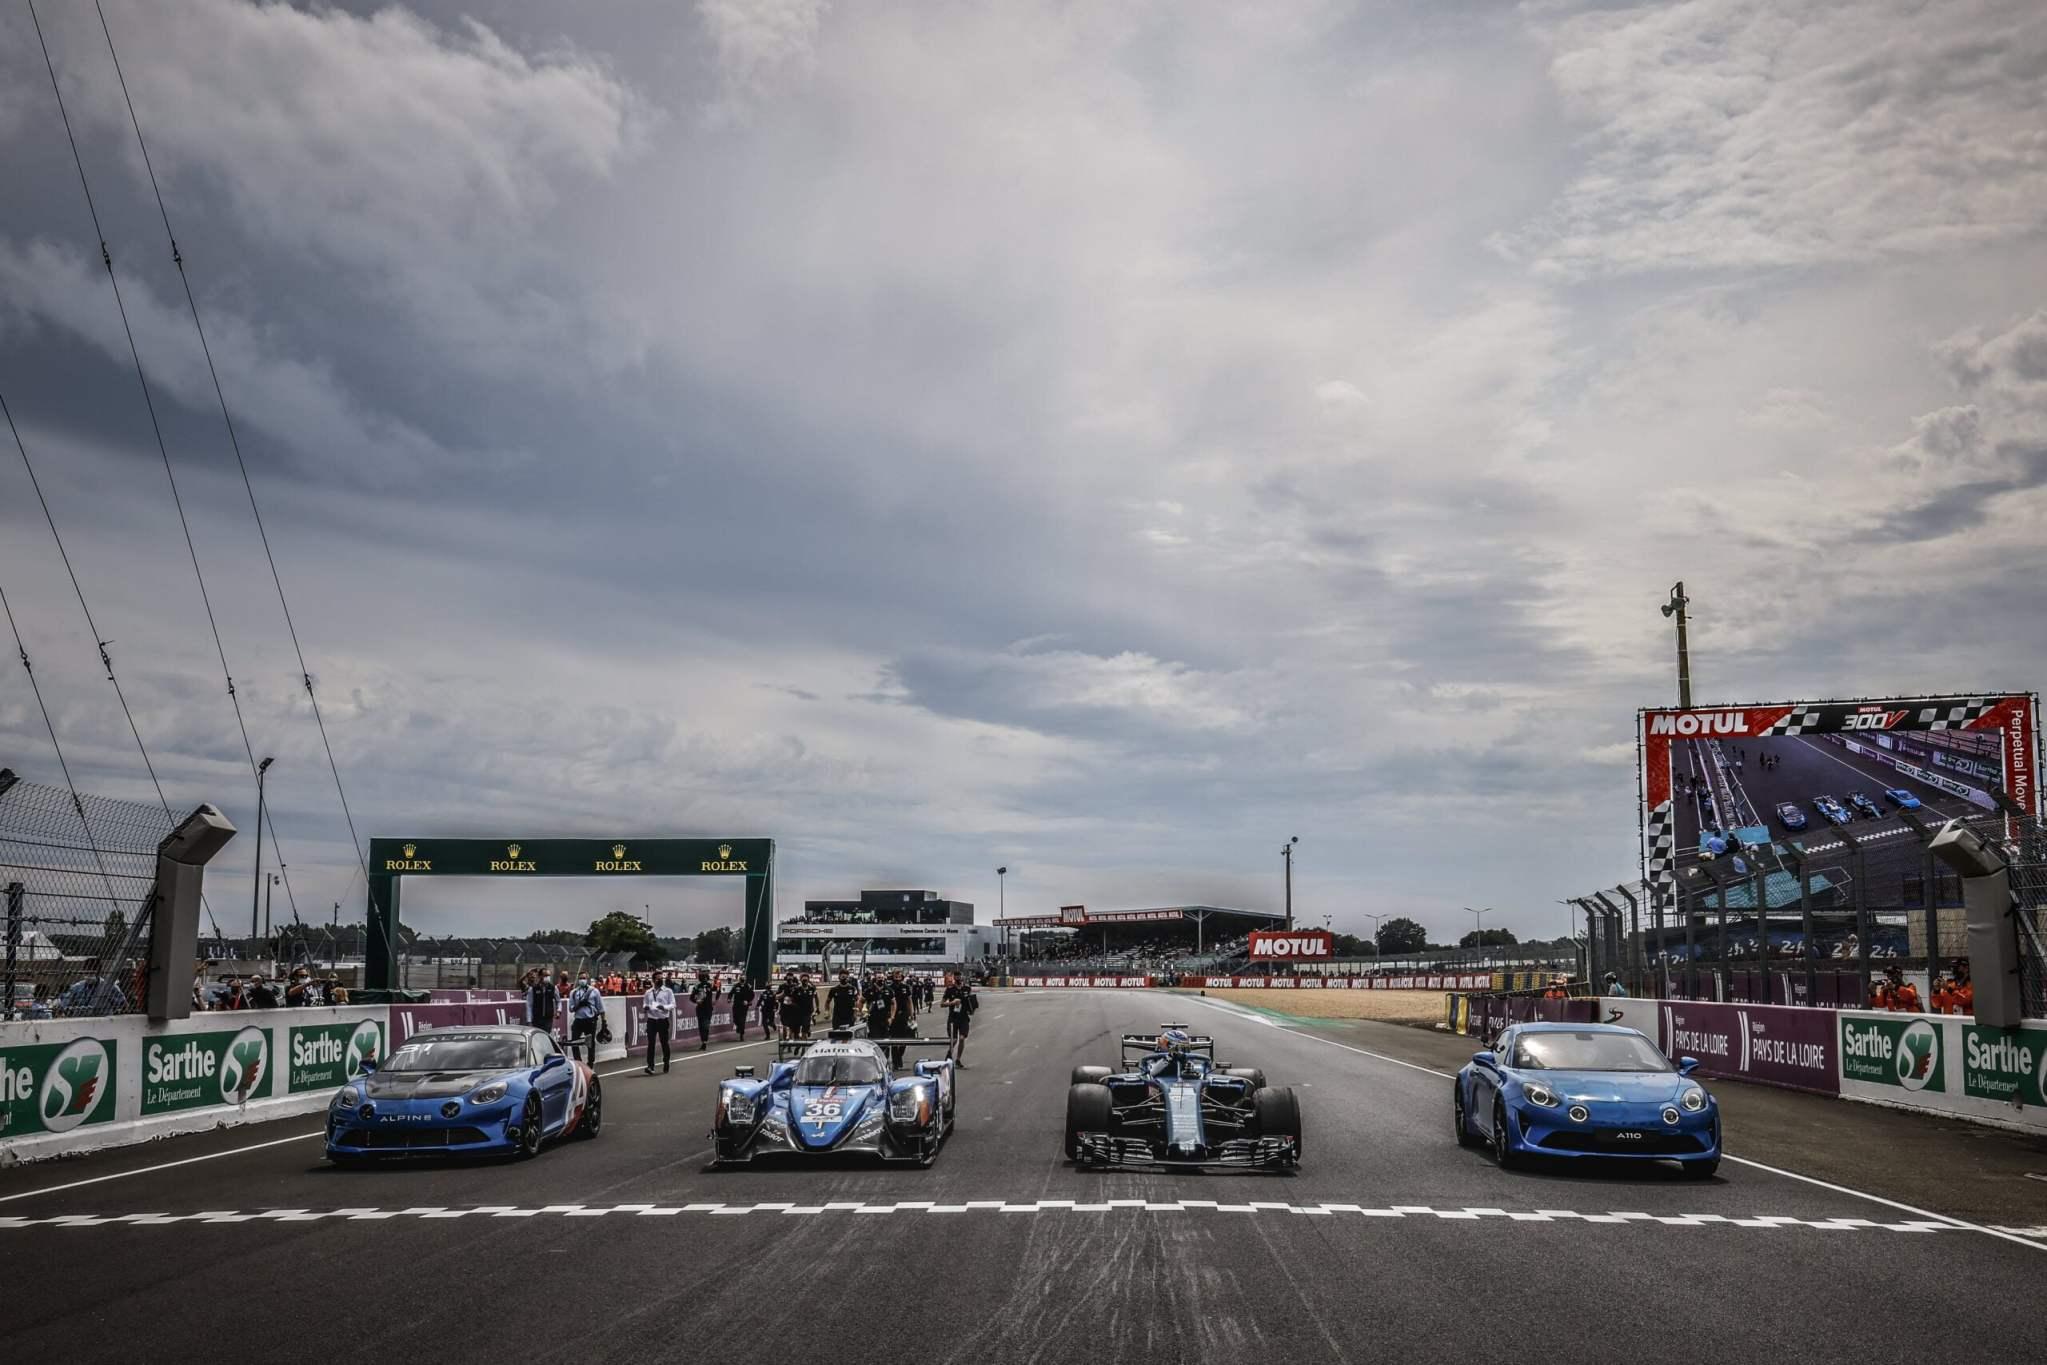 Une F1 aux 24 heures du Mans